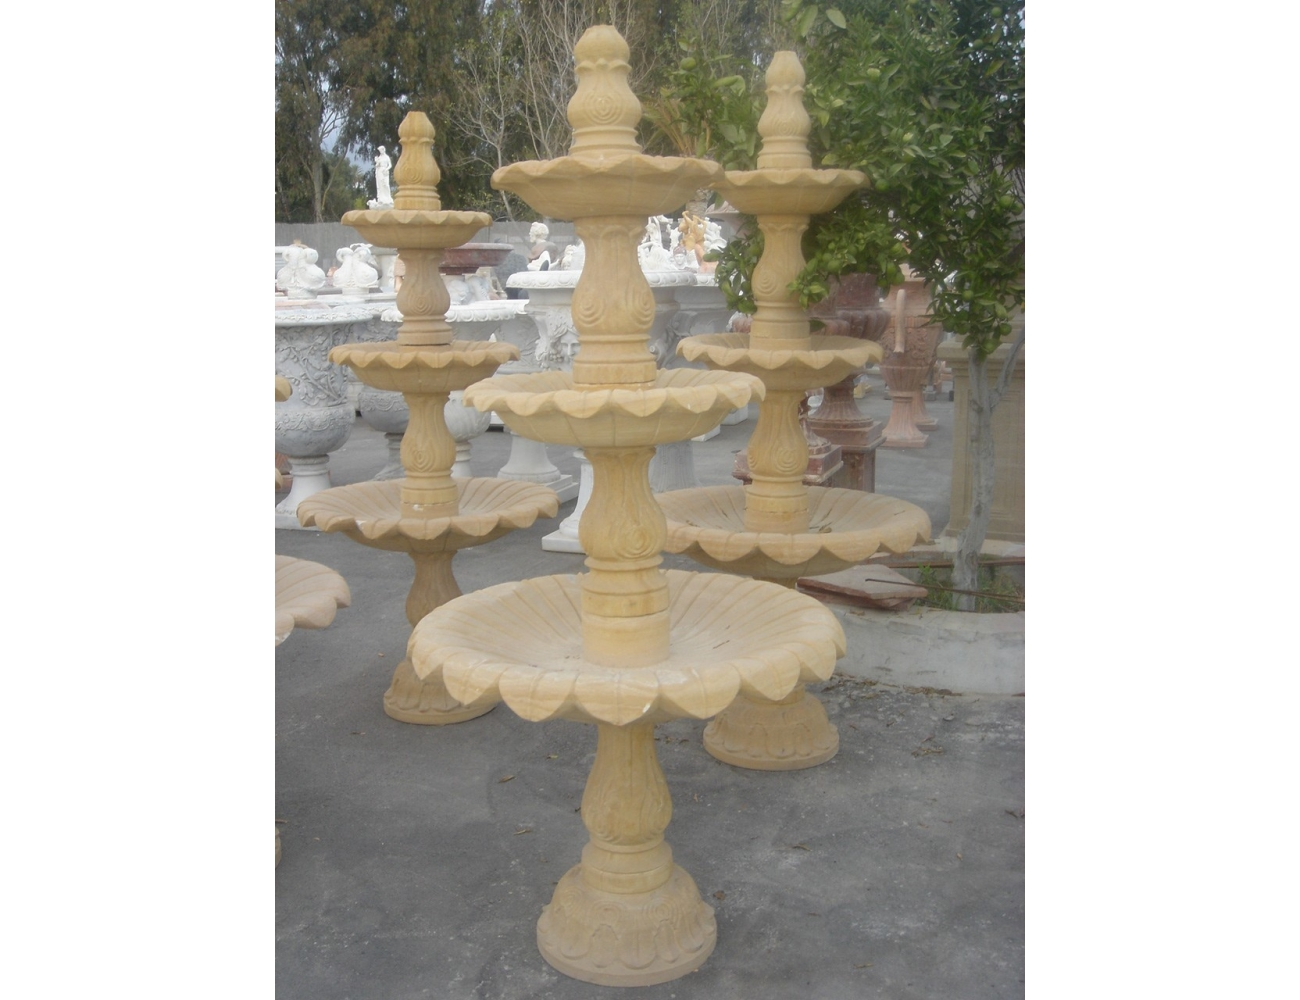 Fuente de piedra natural peque a decoraci n de jardines - Fuentes de piedra natural ...